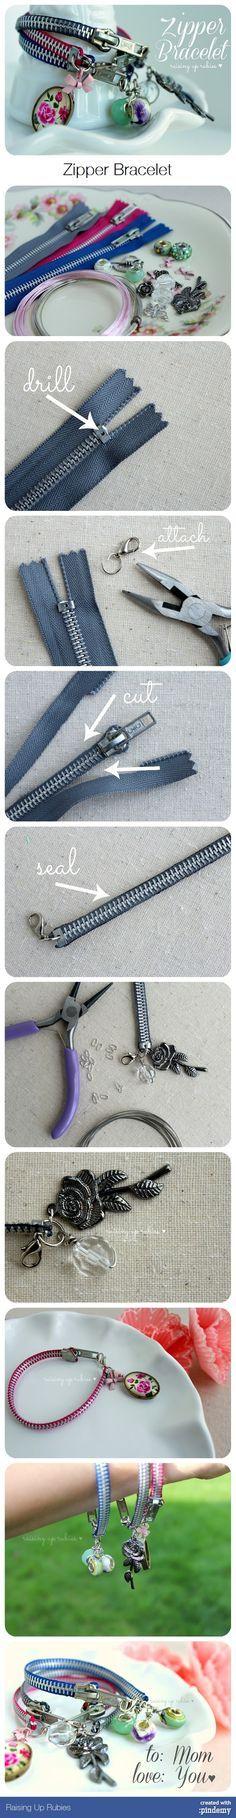 Zipper Bracelet via pindemy.com                                                                                                                                                      More